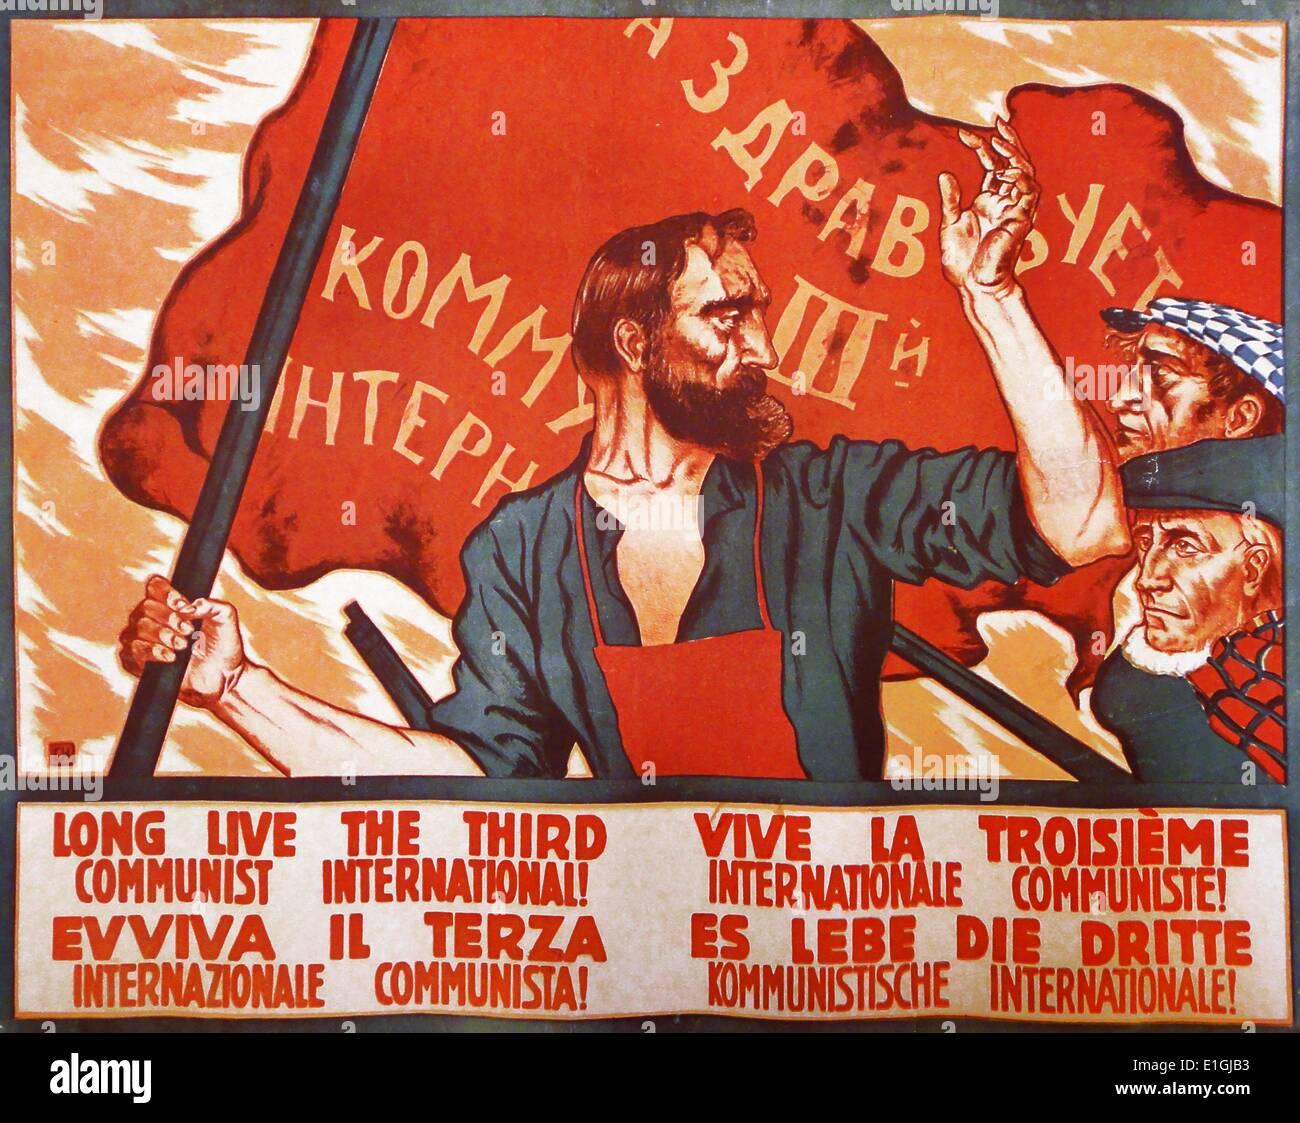 Propaganda sovietica poster per la Terza Internazionale. L'Internazionale comunista, abbreviato come Comintern e noto anche come Immagini Stock